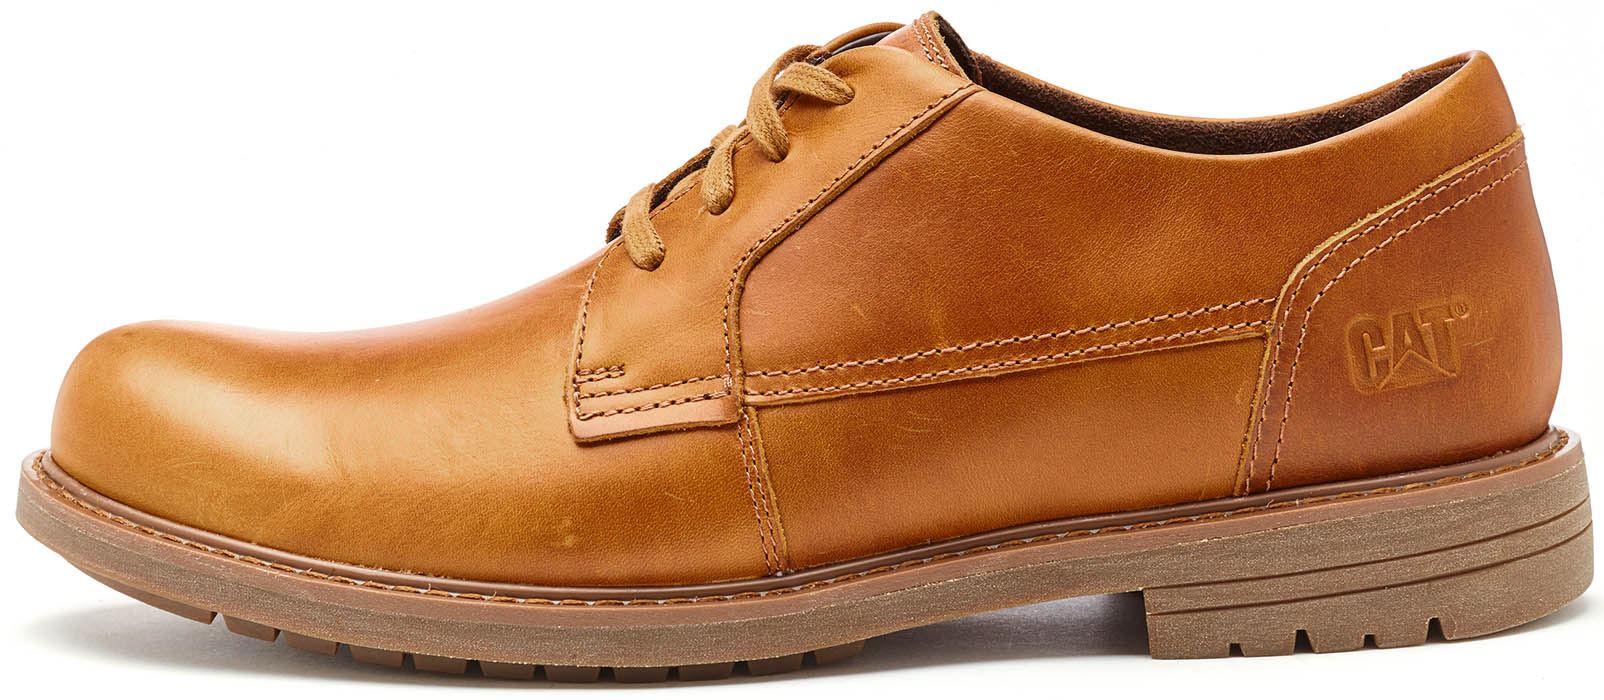 Chaussures Brunes Formelles Pour Enfants Volcom 1DsocLudV